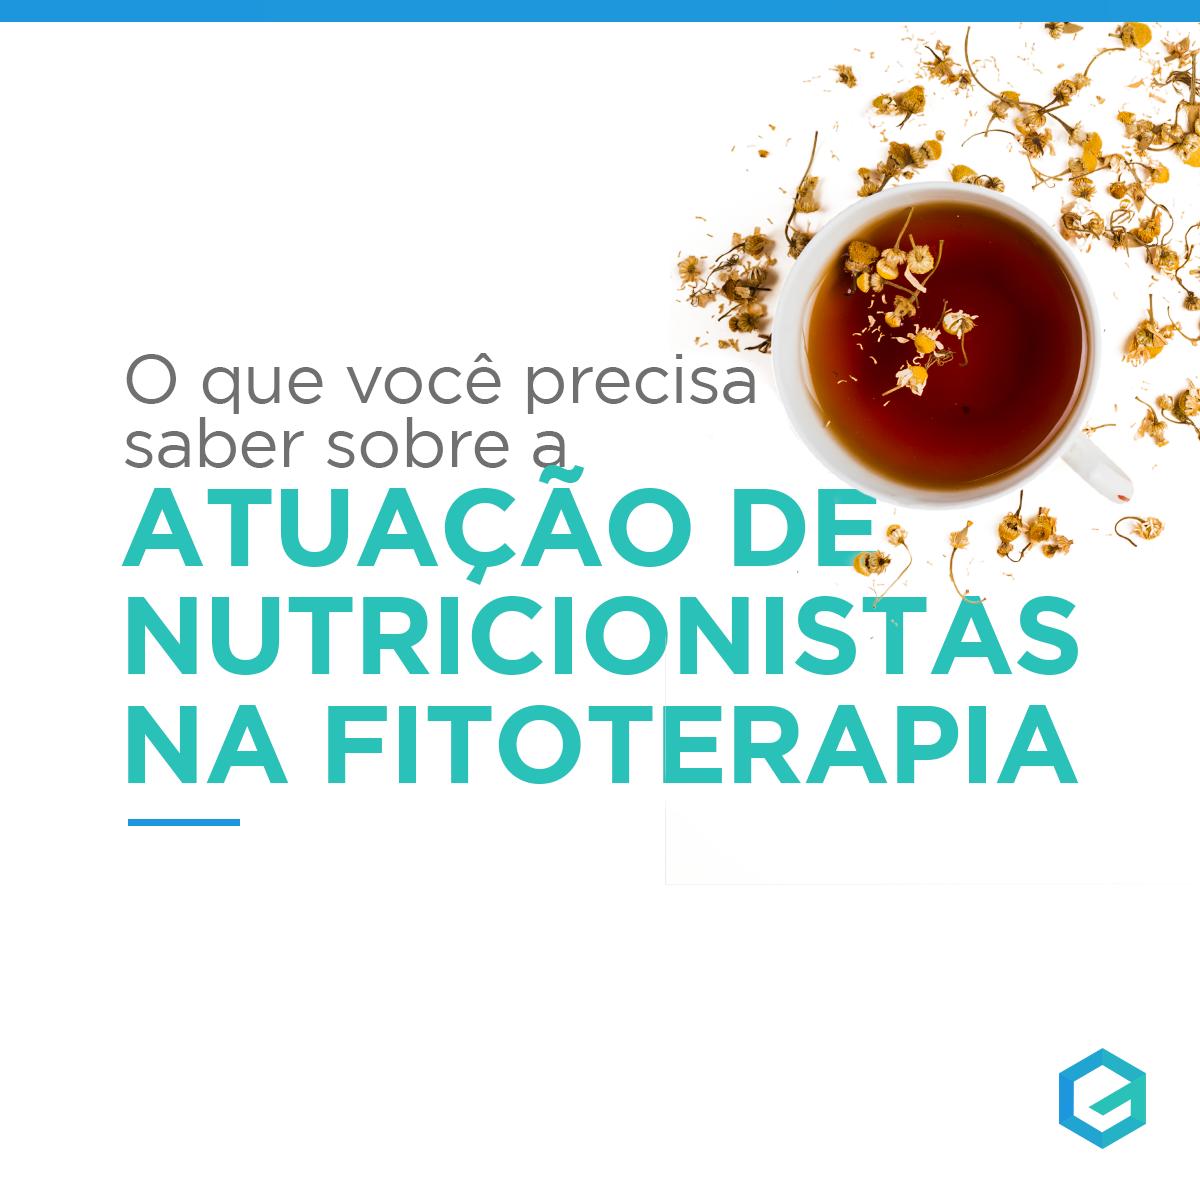 O que você precisa saber sobre a atuação de nutricionistas na fitoterapia